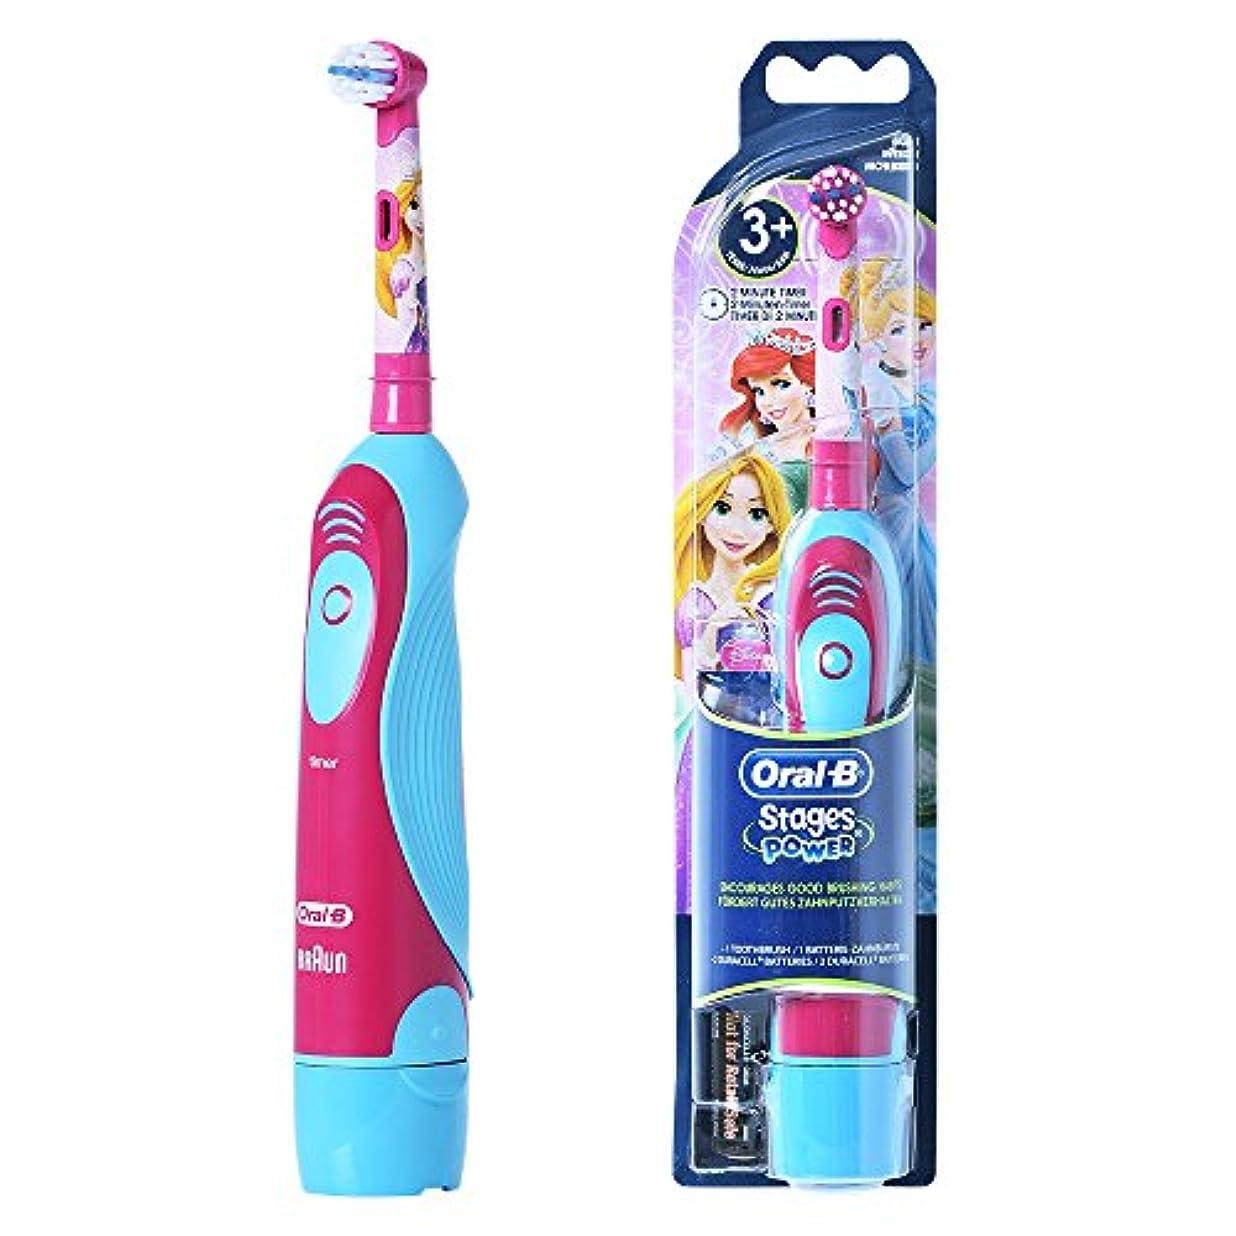 居間富クラフトBraun Oral-B D2 D2010 Disney Princess Kids 電動歯ブラシ [並行輸入品]